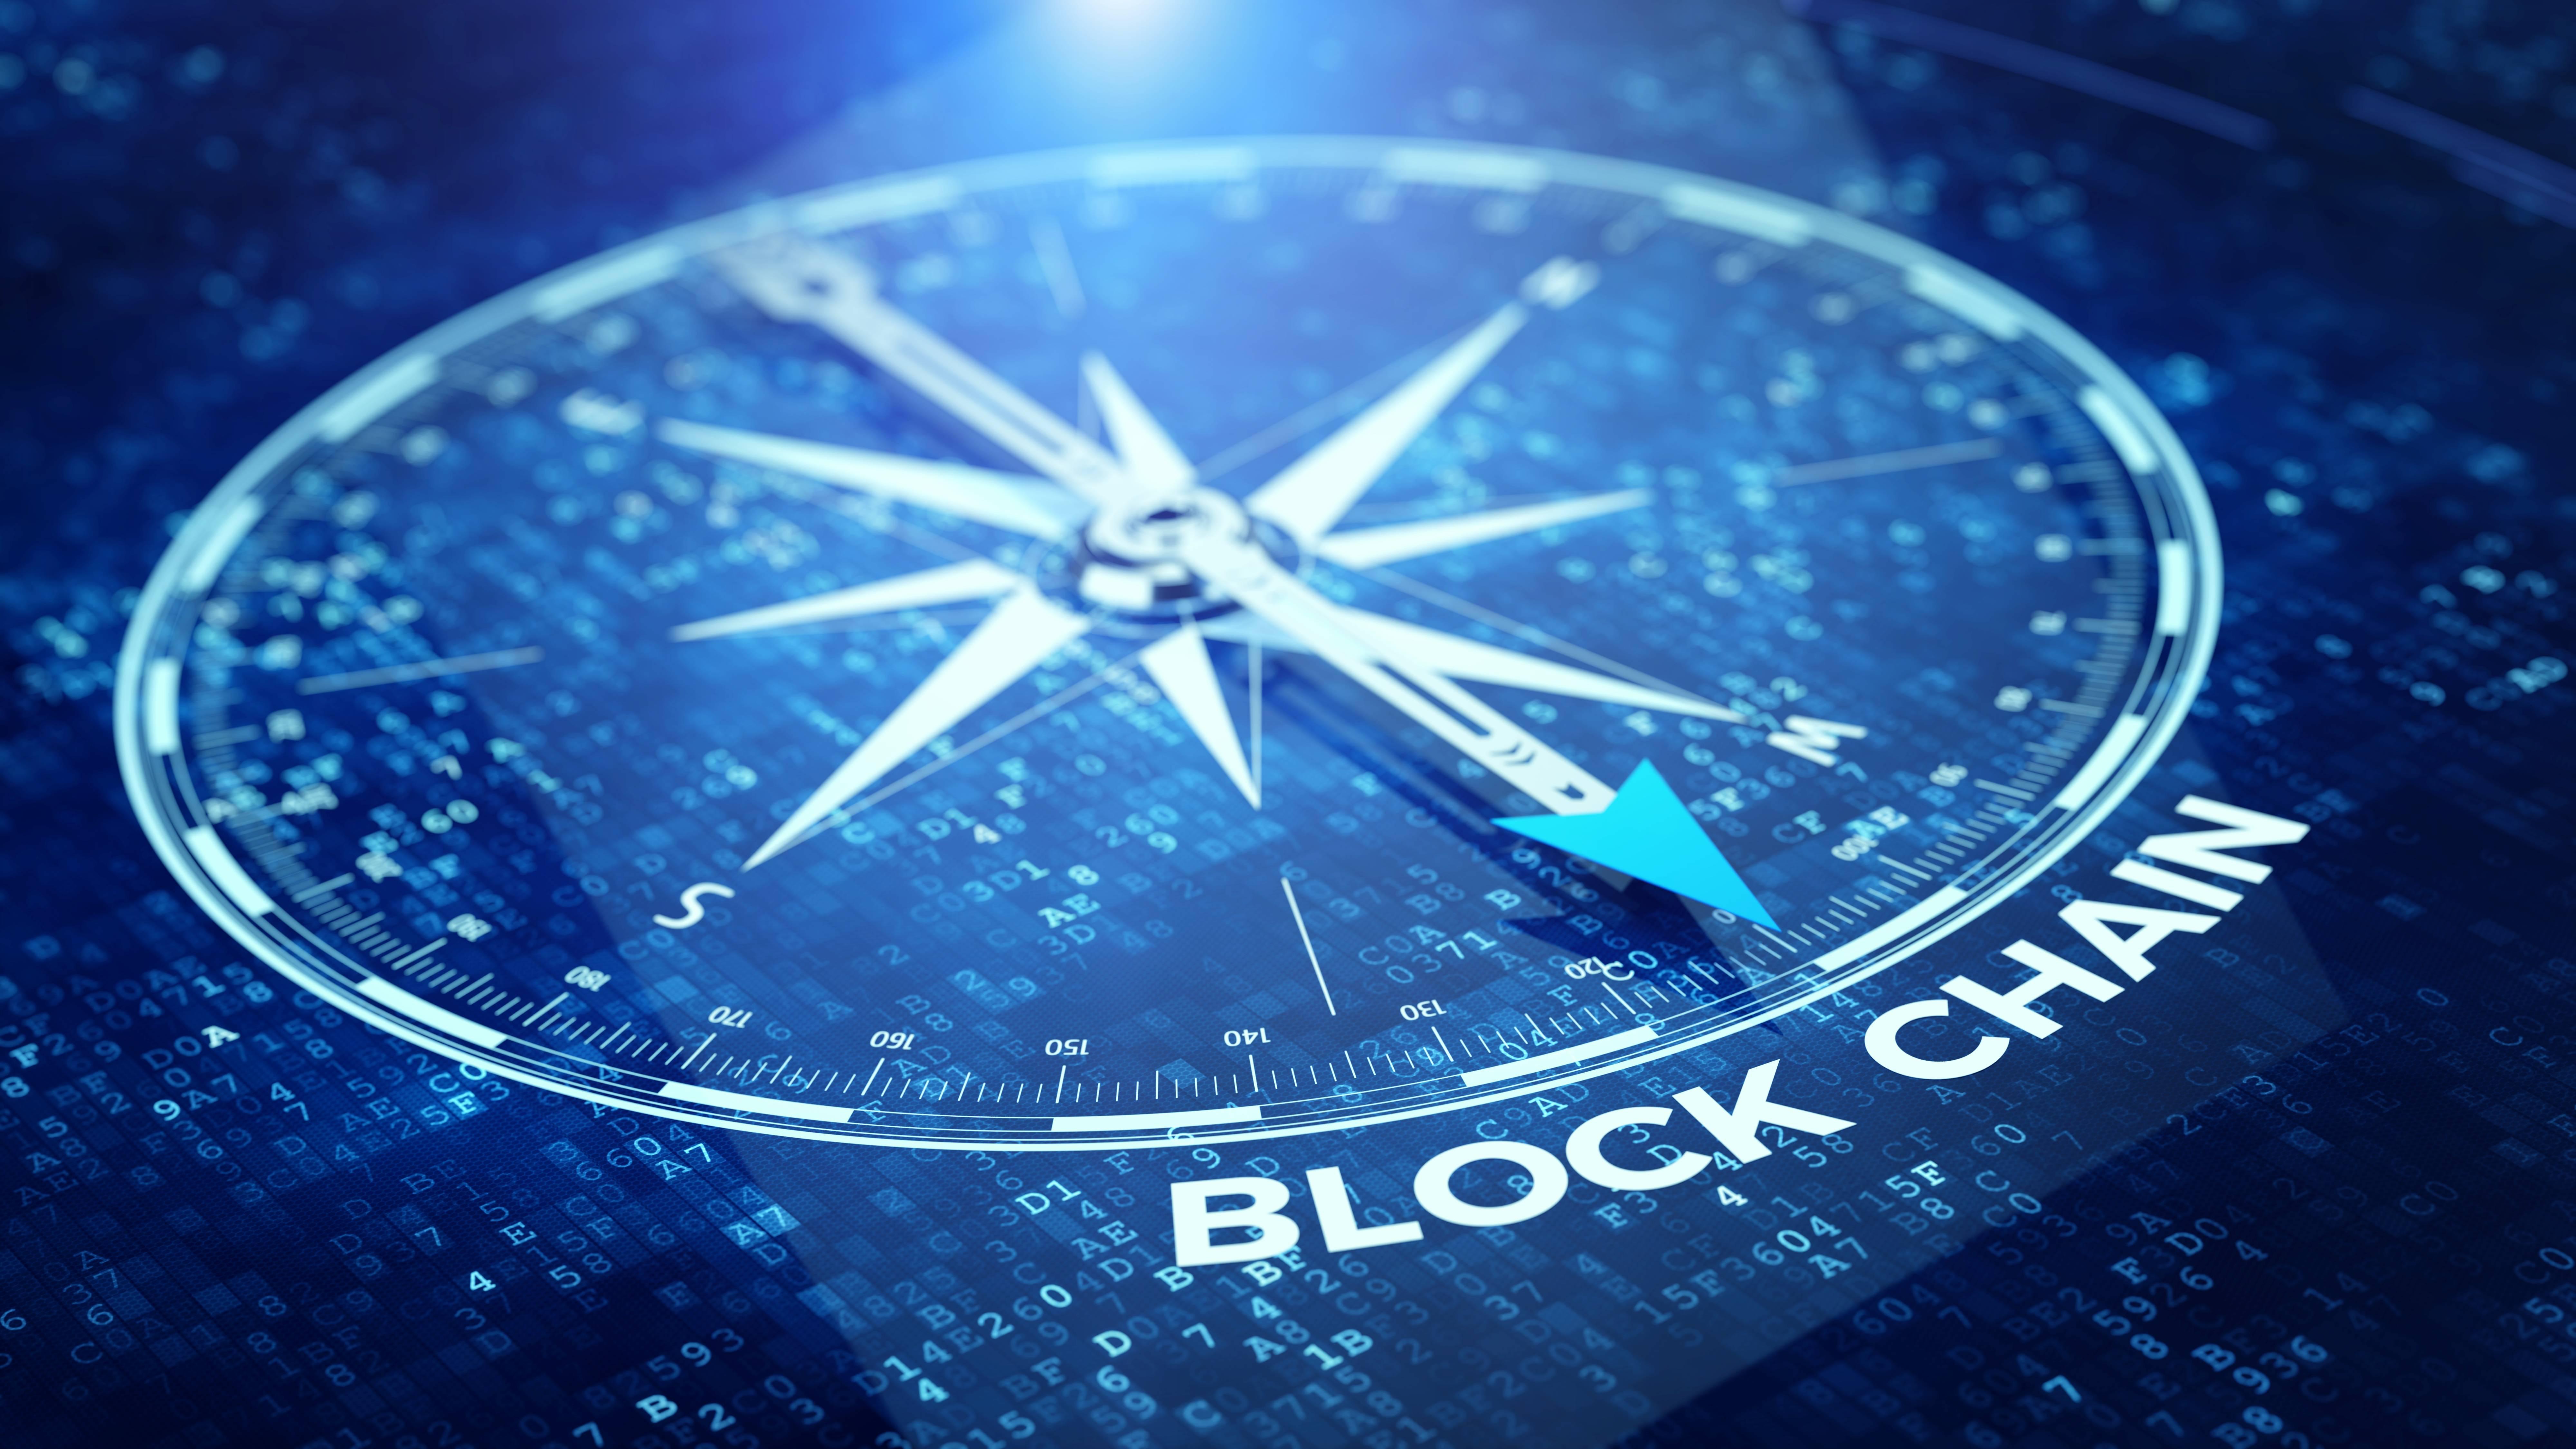 全球科技公司区块链布局案例研究